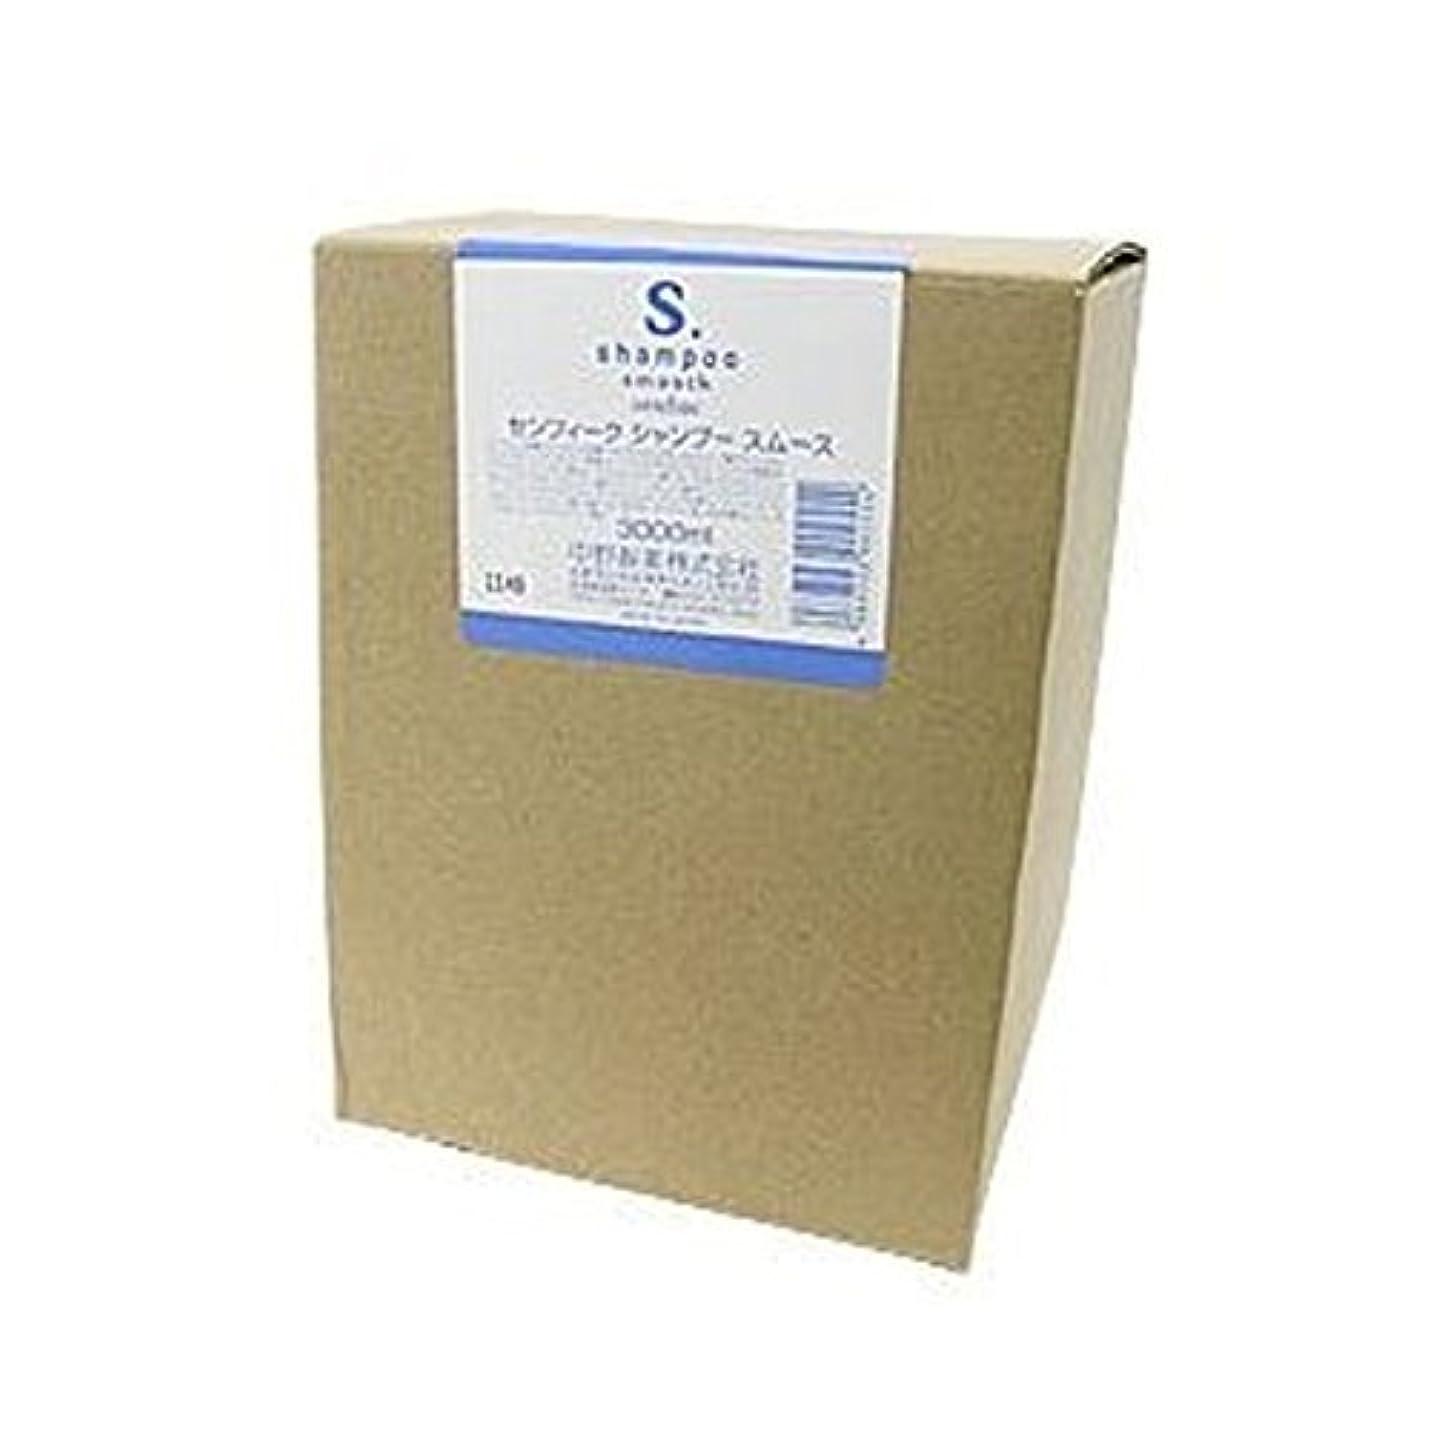 中野製薬 センフィーク シャンプー スムース 10L